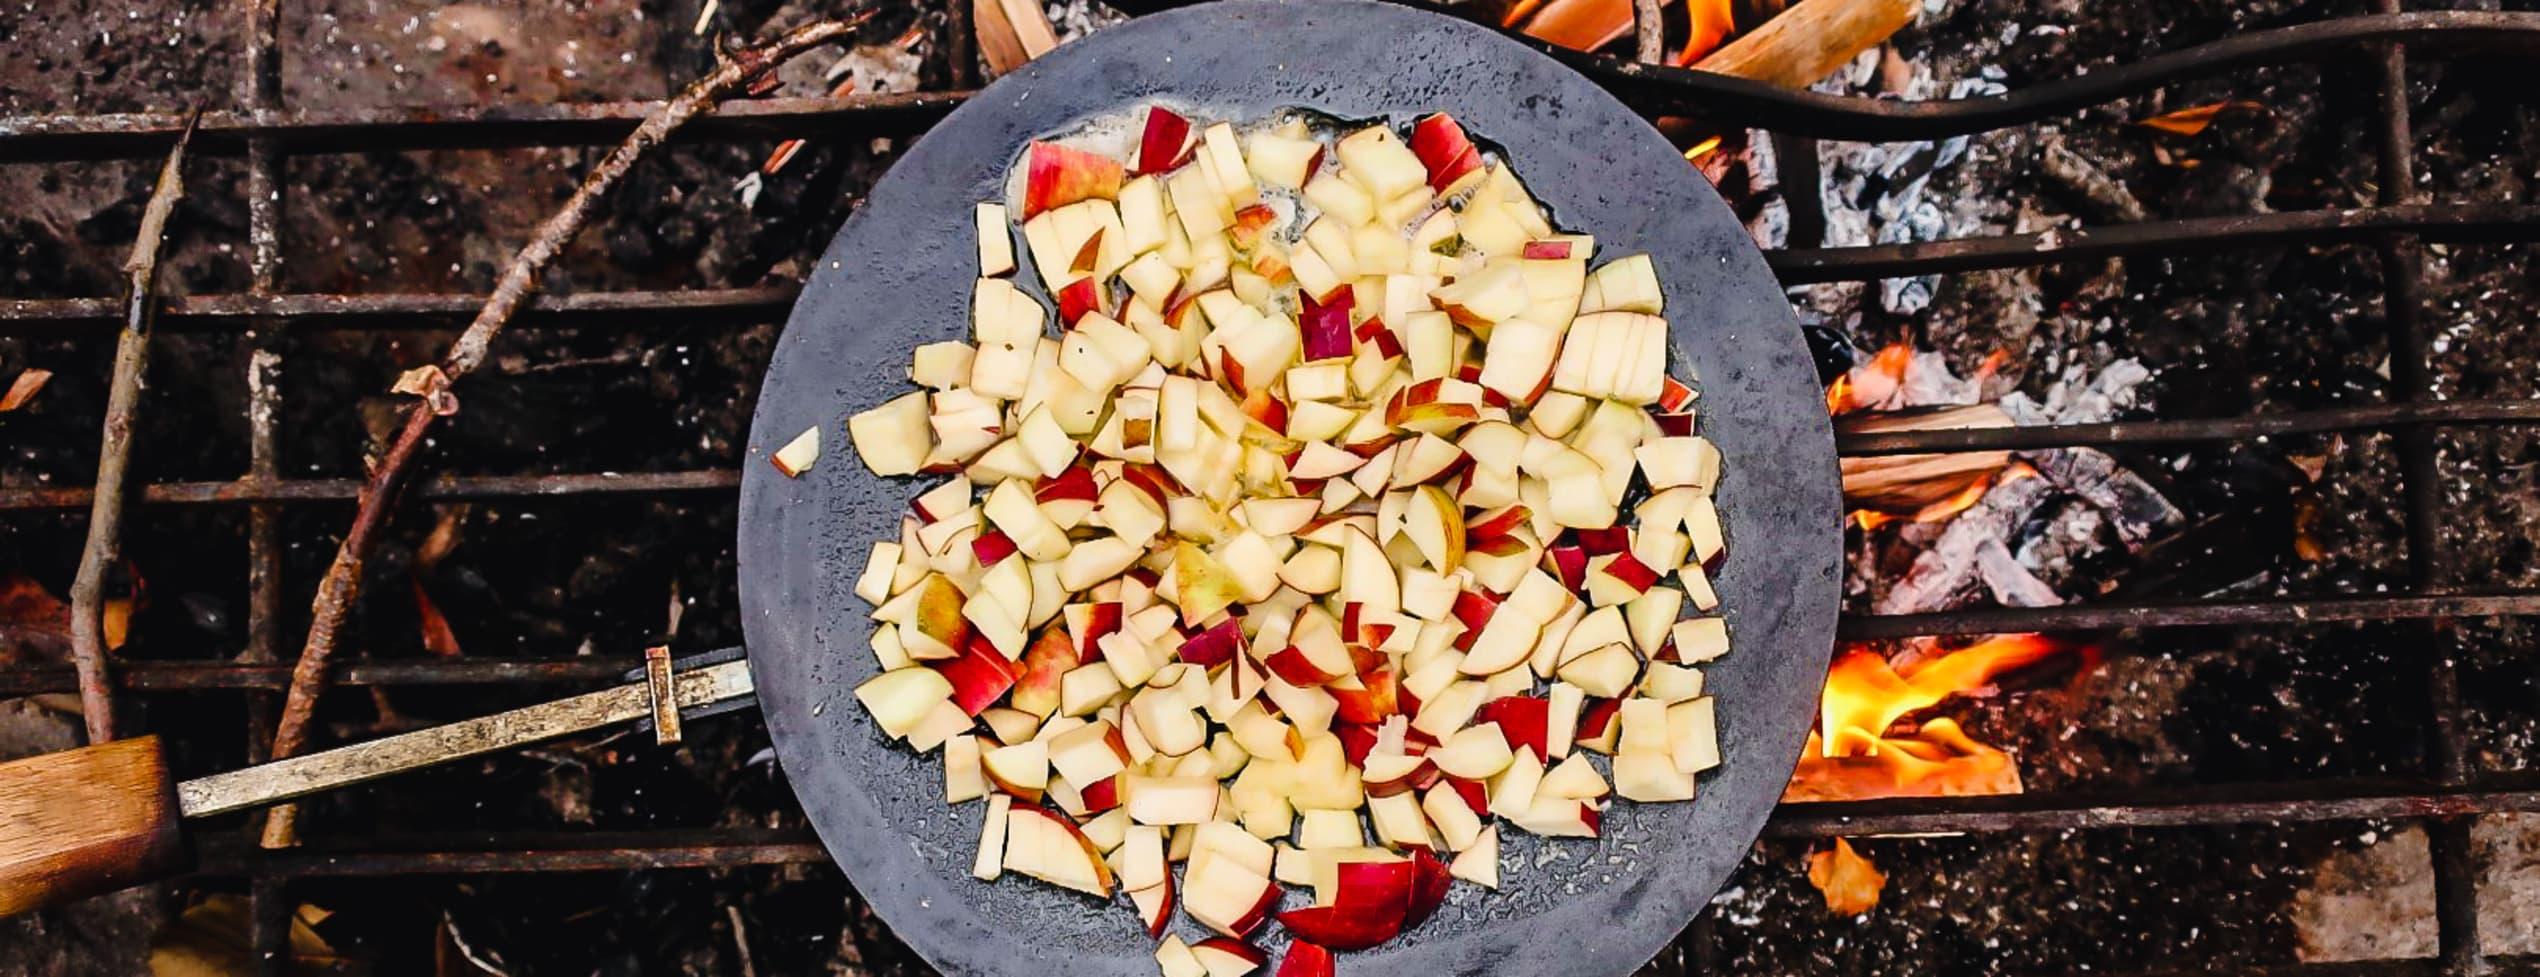 Fem vanliga eldar & enkel matlagning över eld